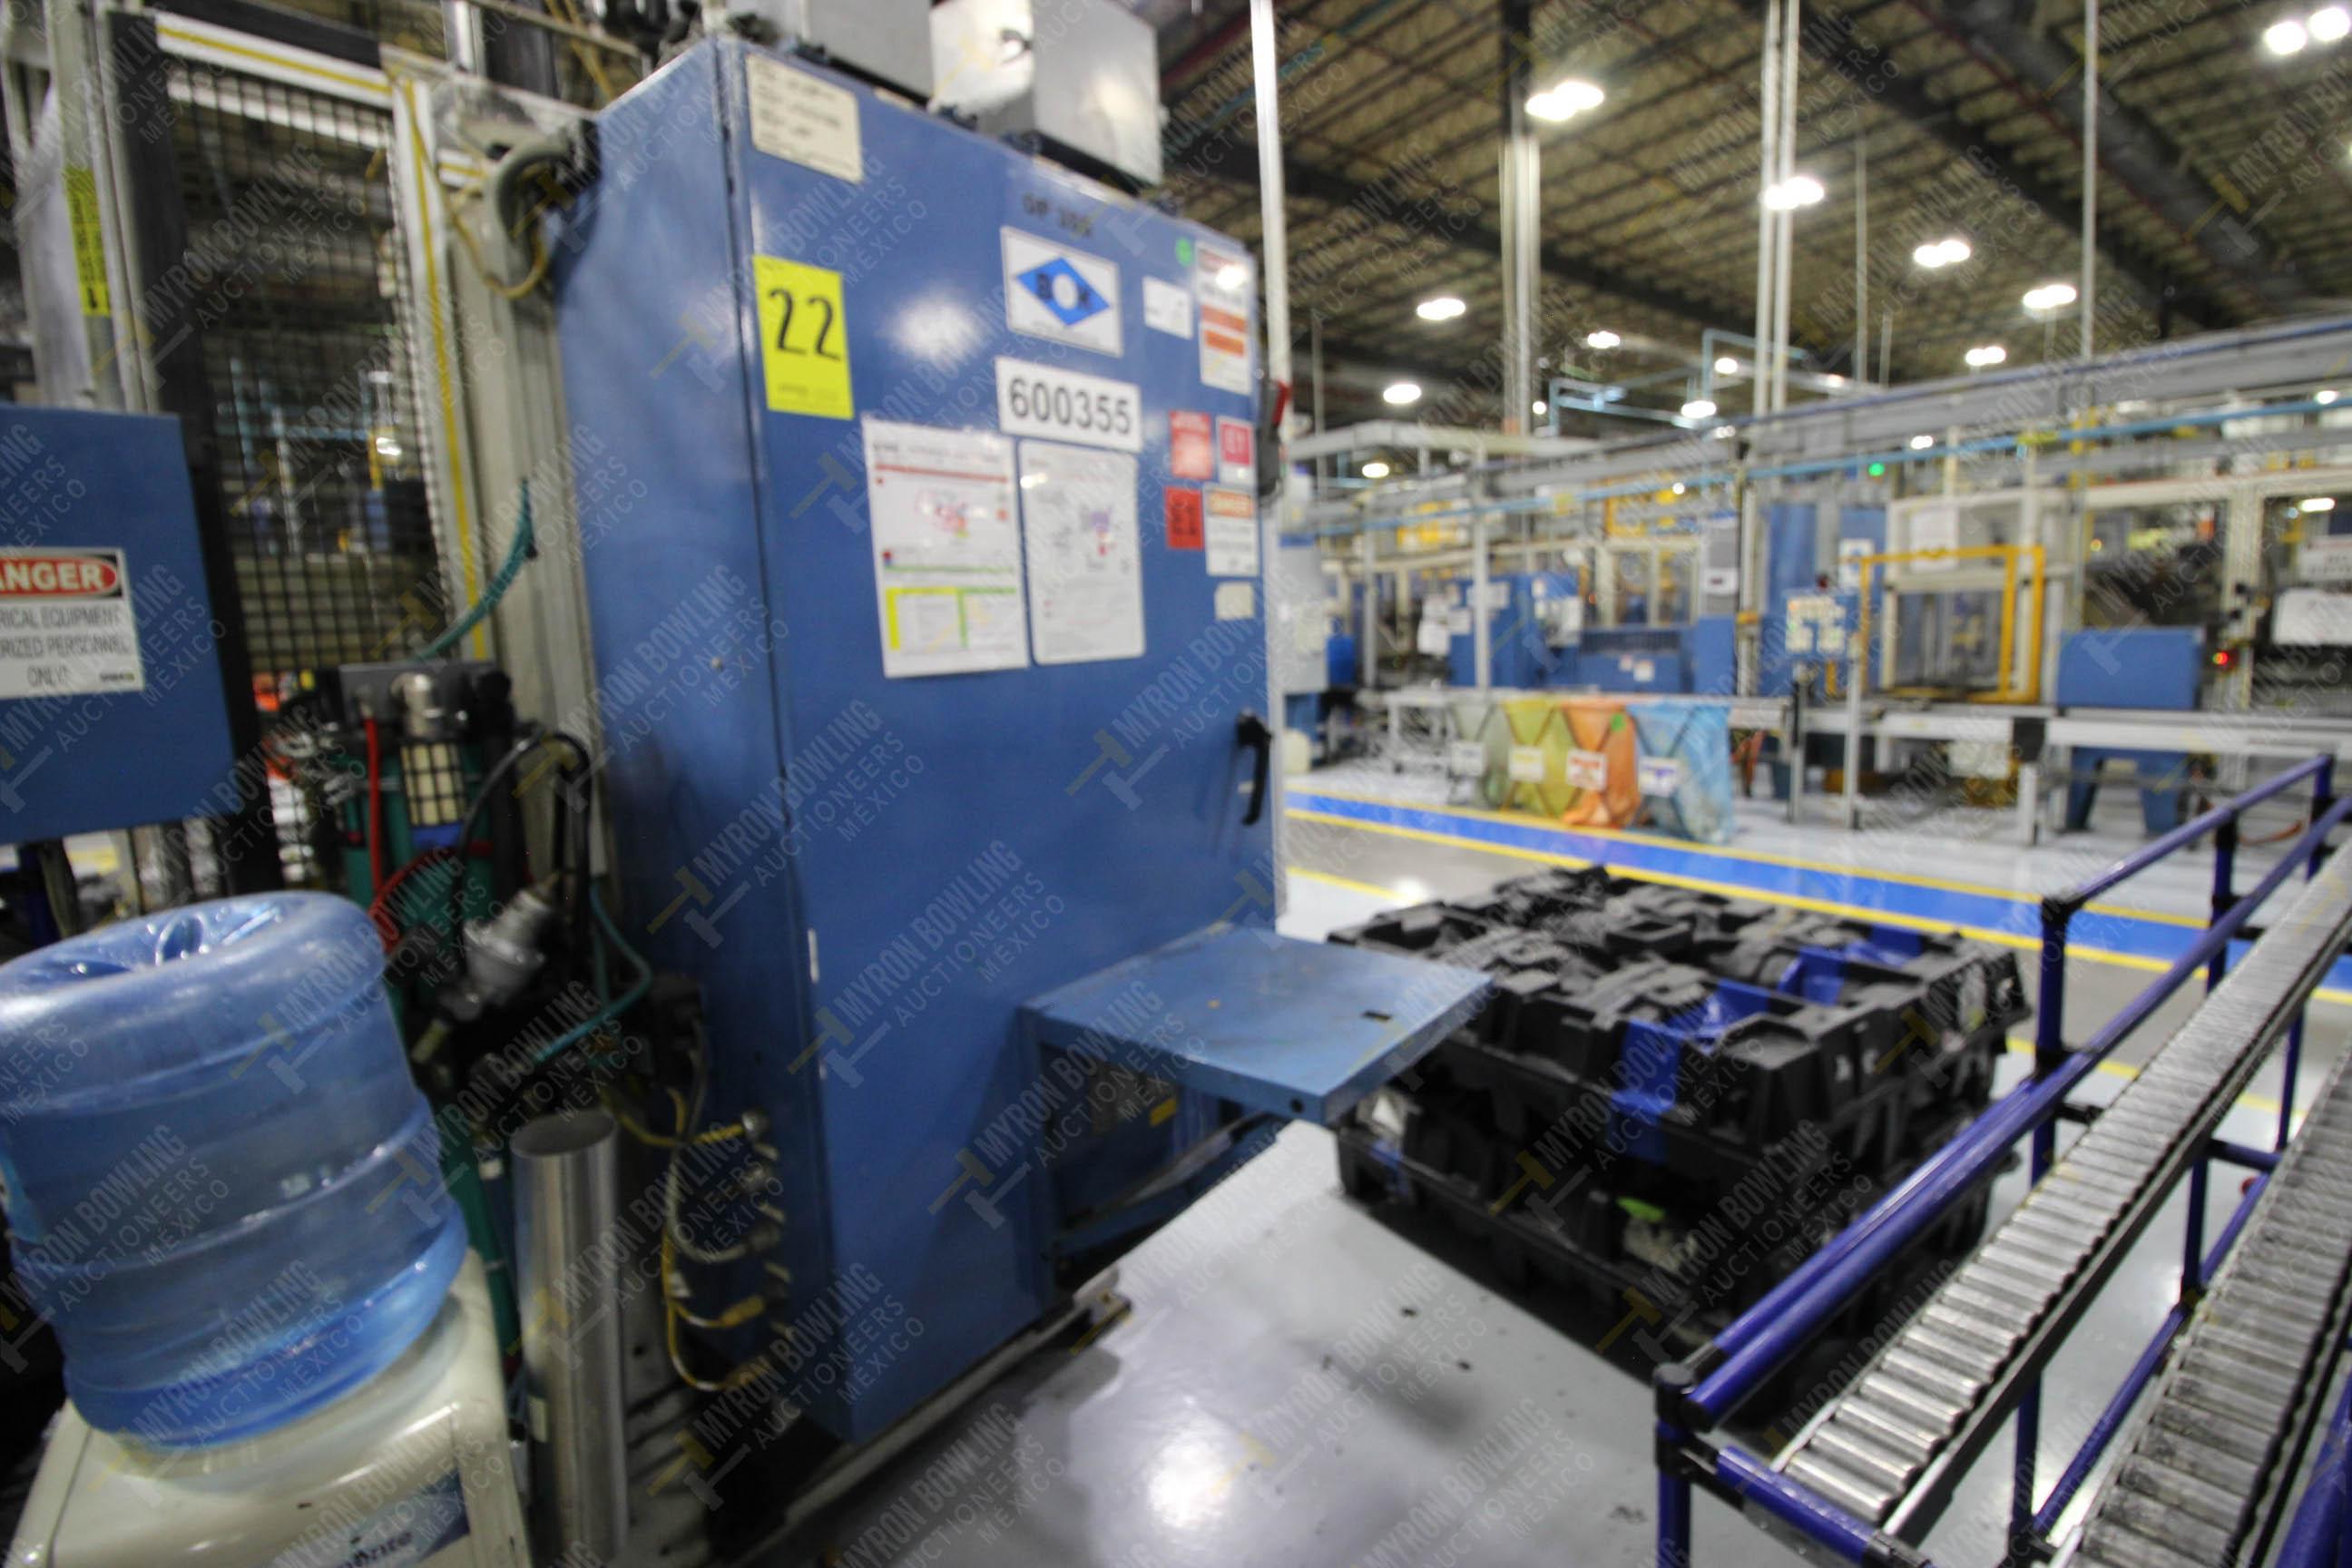 Estación semiautomática para operación 355A, contiene: Prensa en estructura de placa de acero - Image 25 of 36